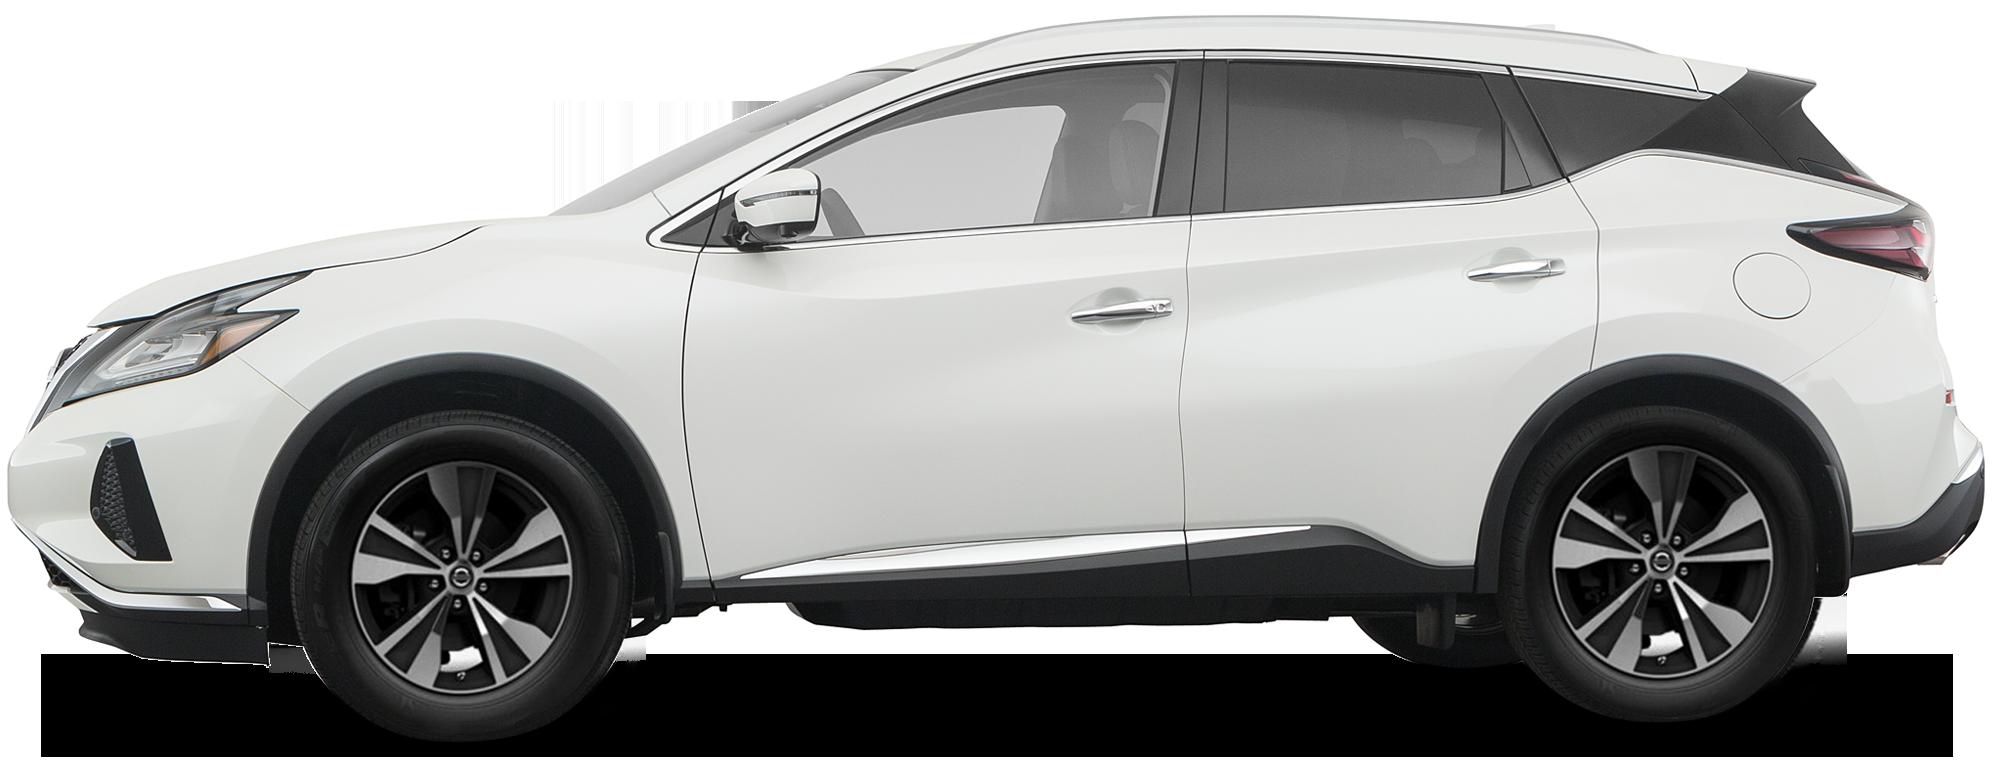 2021 Nissan Murano SUV S